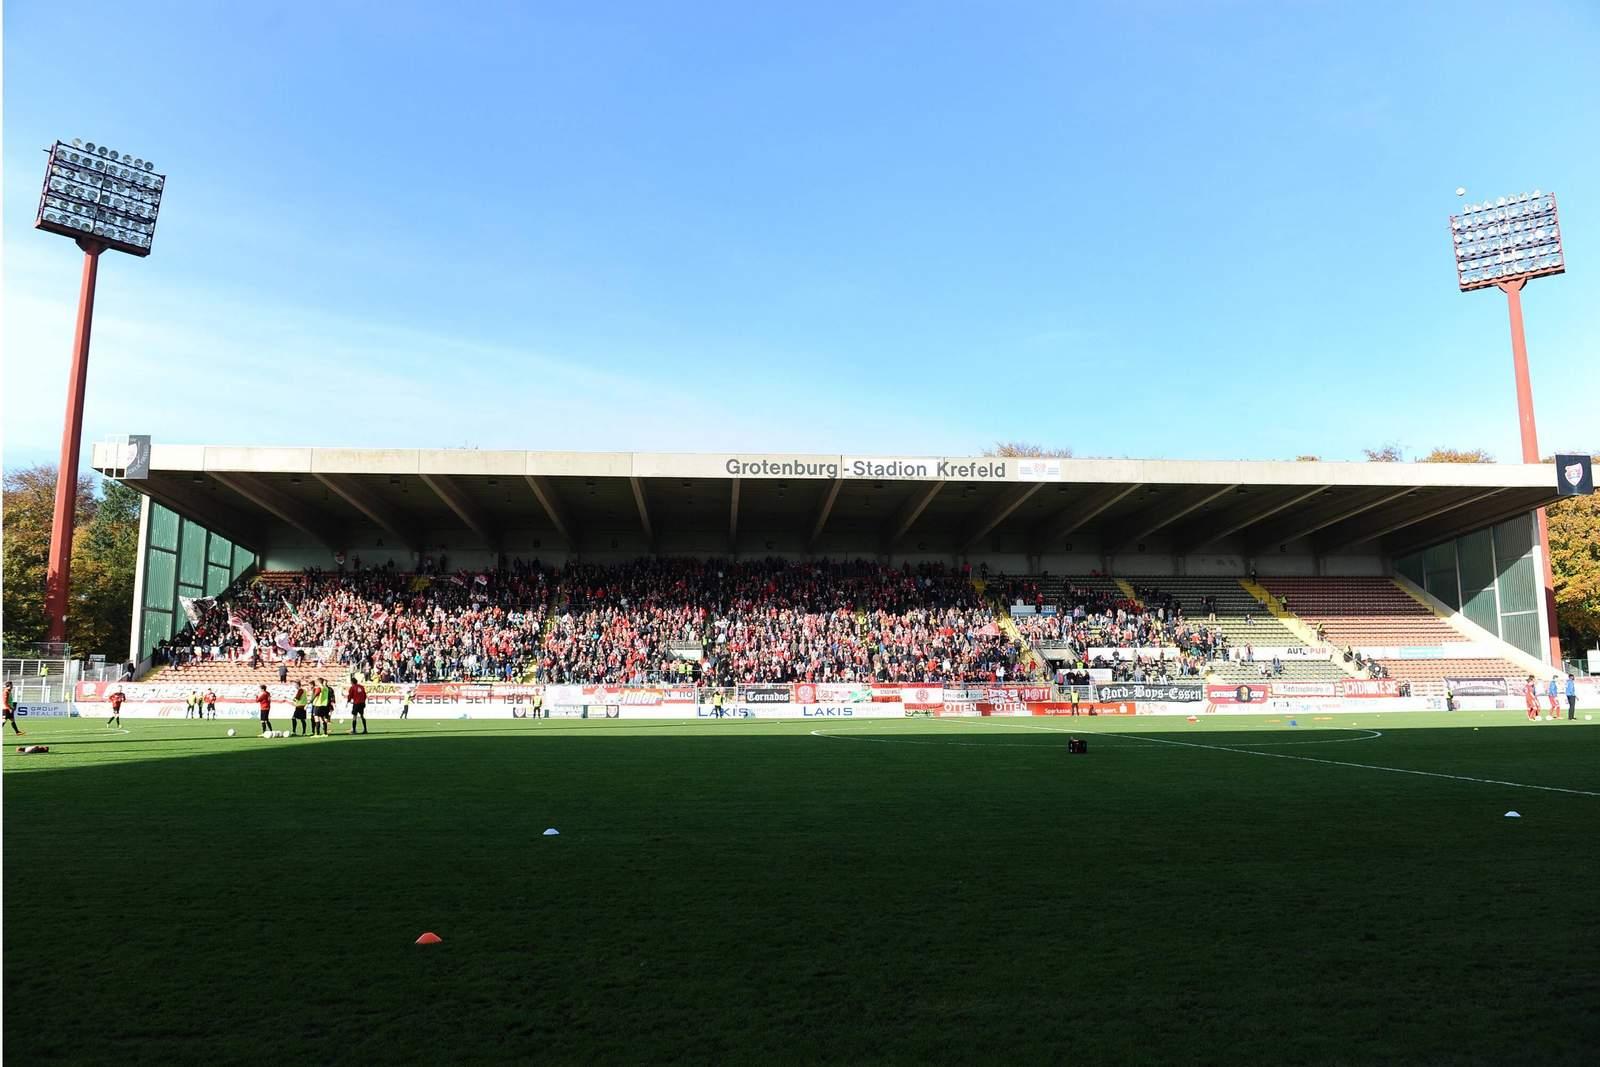 Grotenburg Stadion in Krefeld